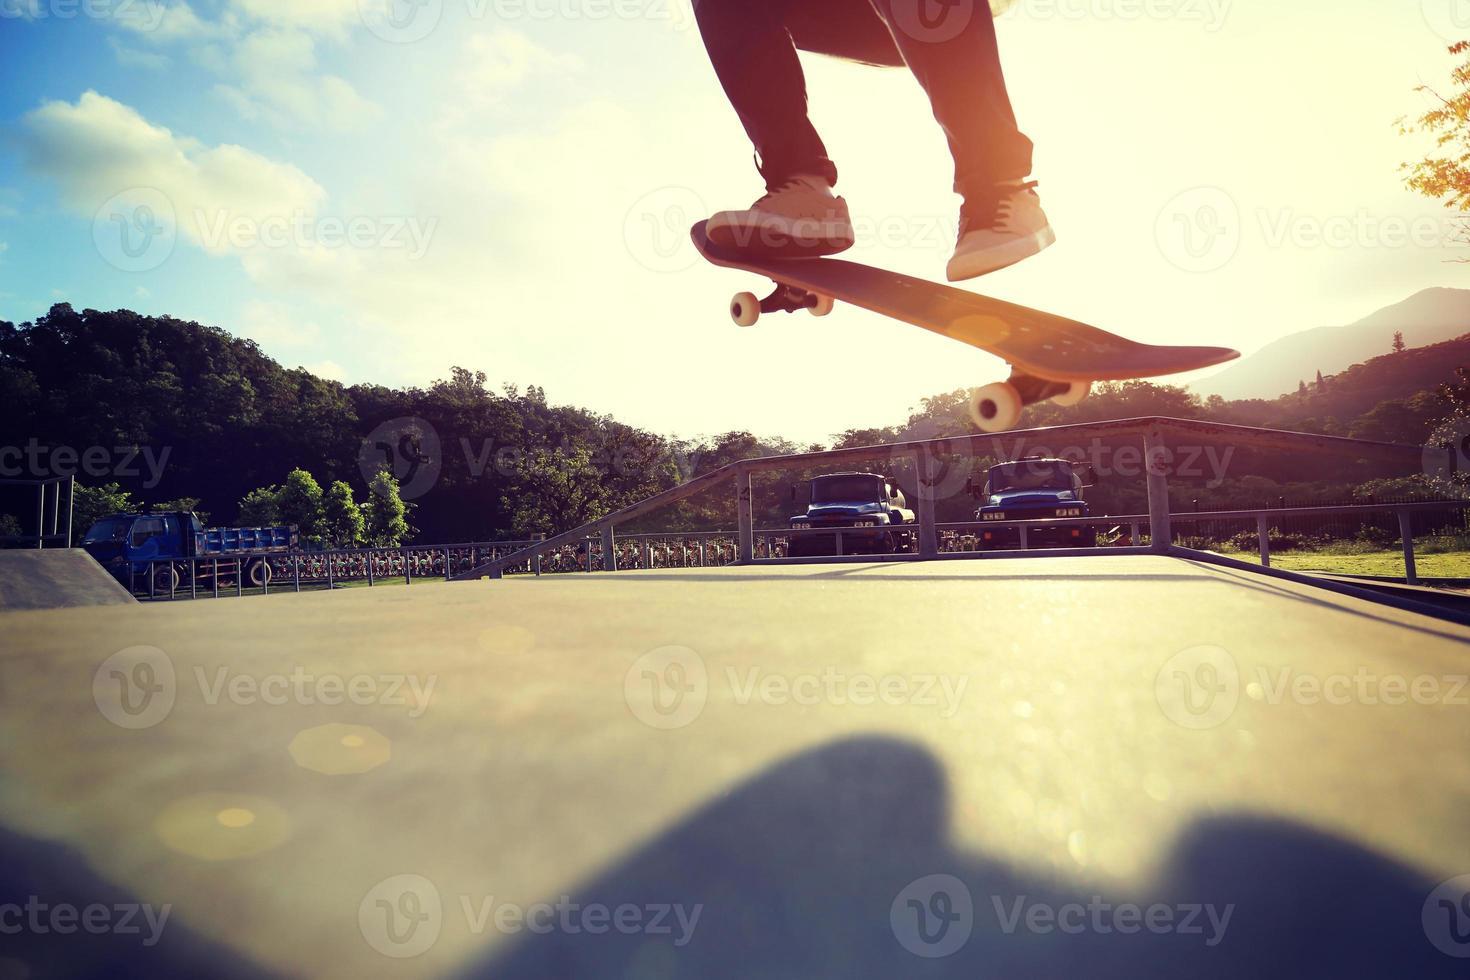 piernas de skater haciendo un truco ollie en skatepark foto